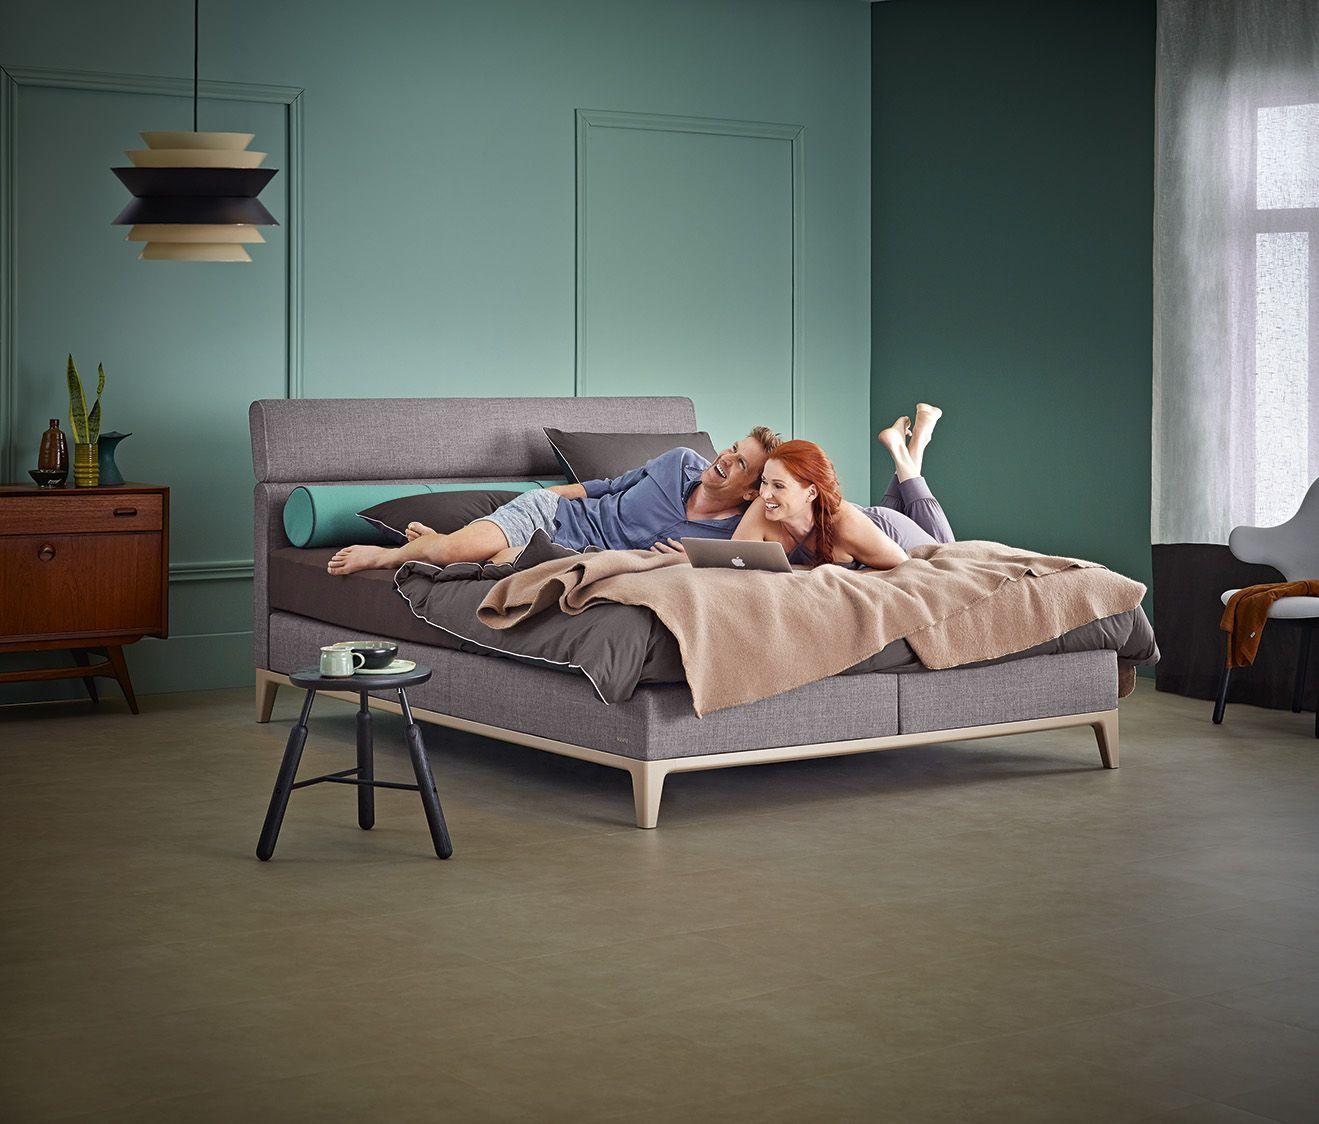 dein pers nlicher geschmack und komfort stehen im vordergrund auping criade boxspring. Black Bedroom Furniture Sets. Home Design Ideas